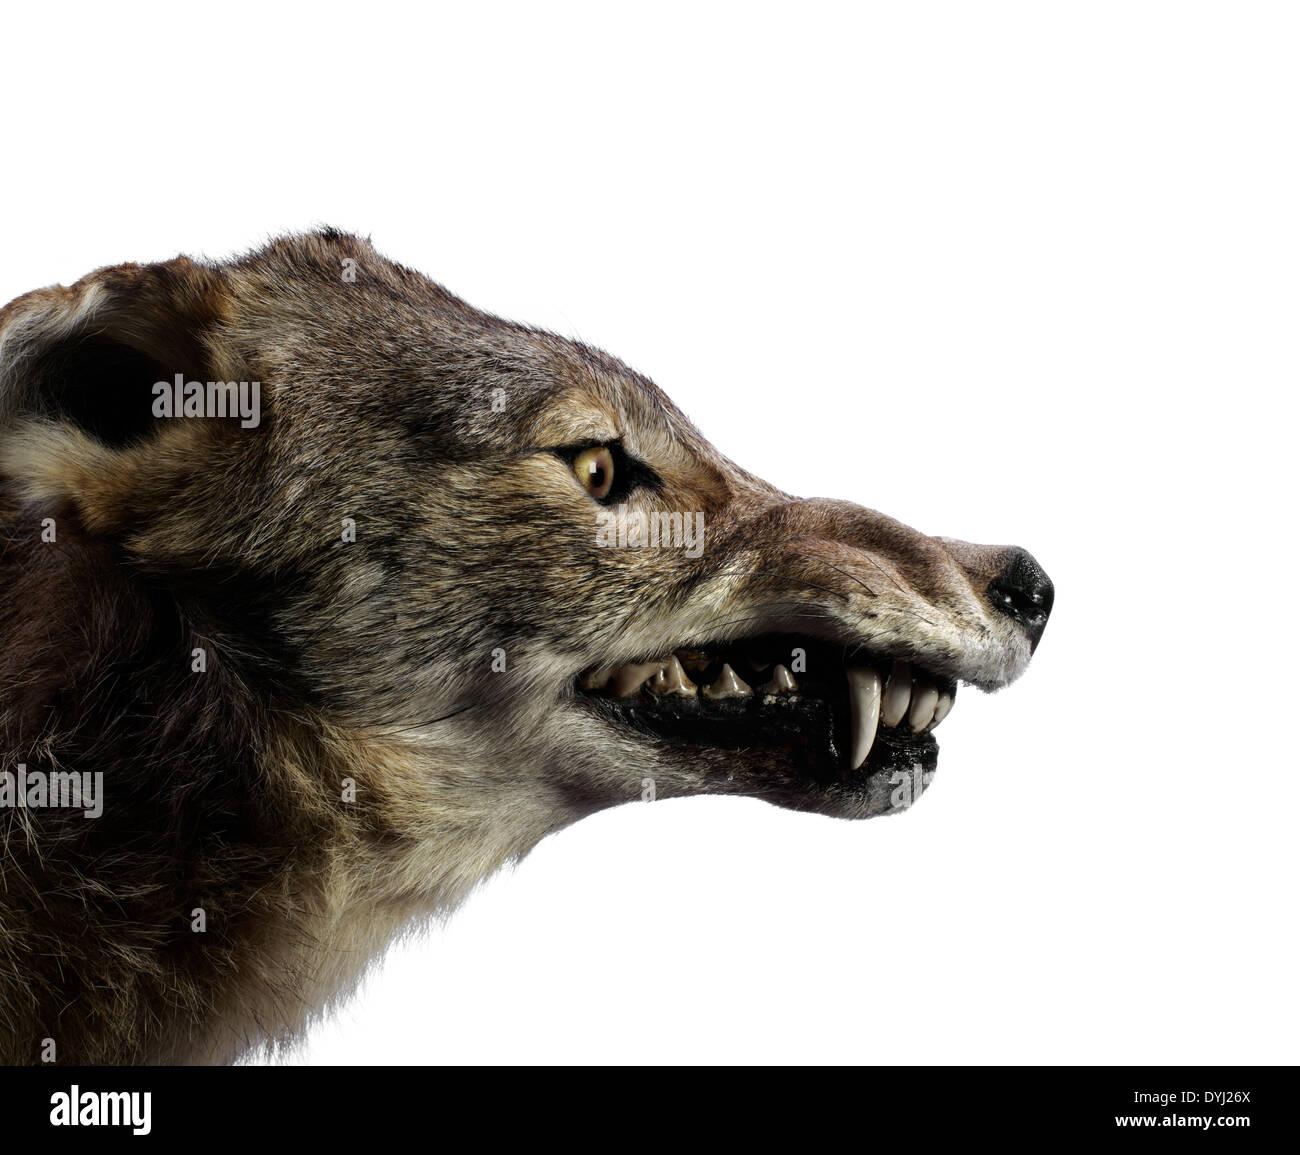 Foto de estudio de un lobo gruñe Imagen De Stock